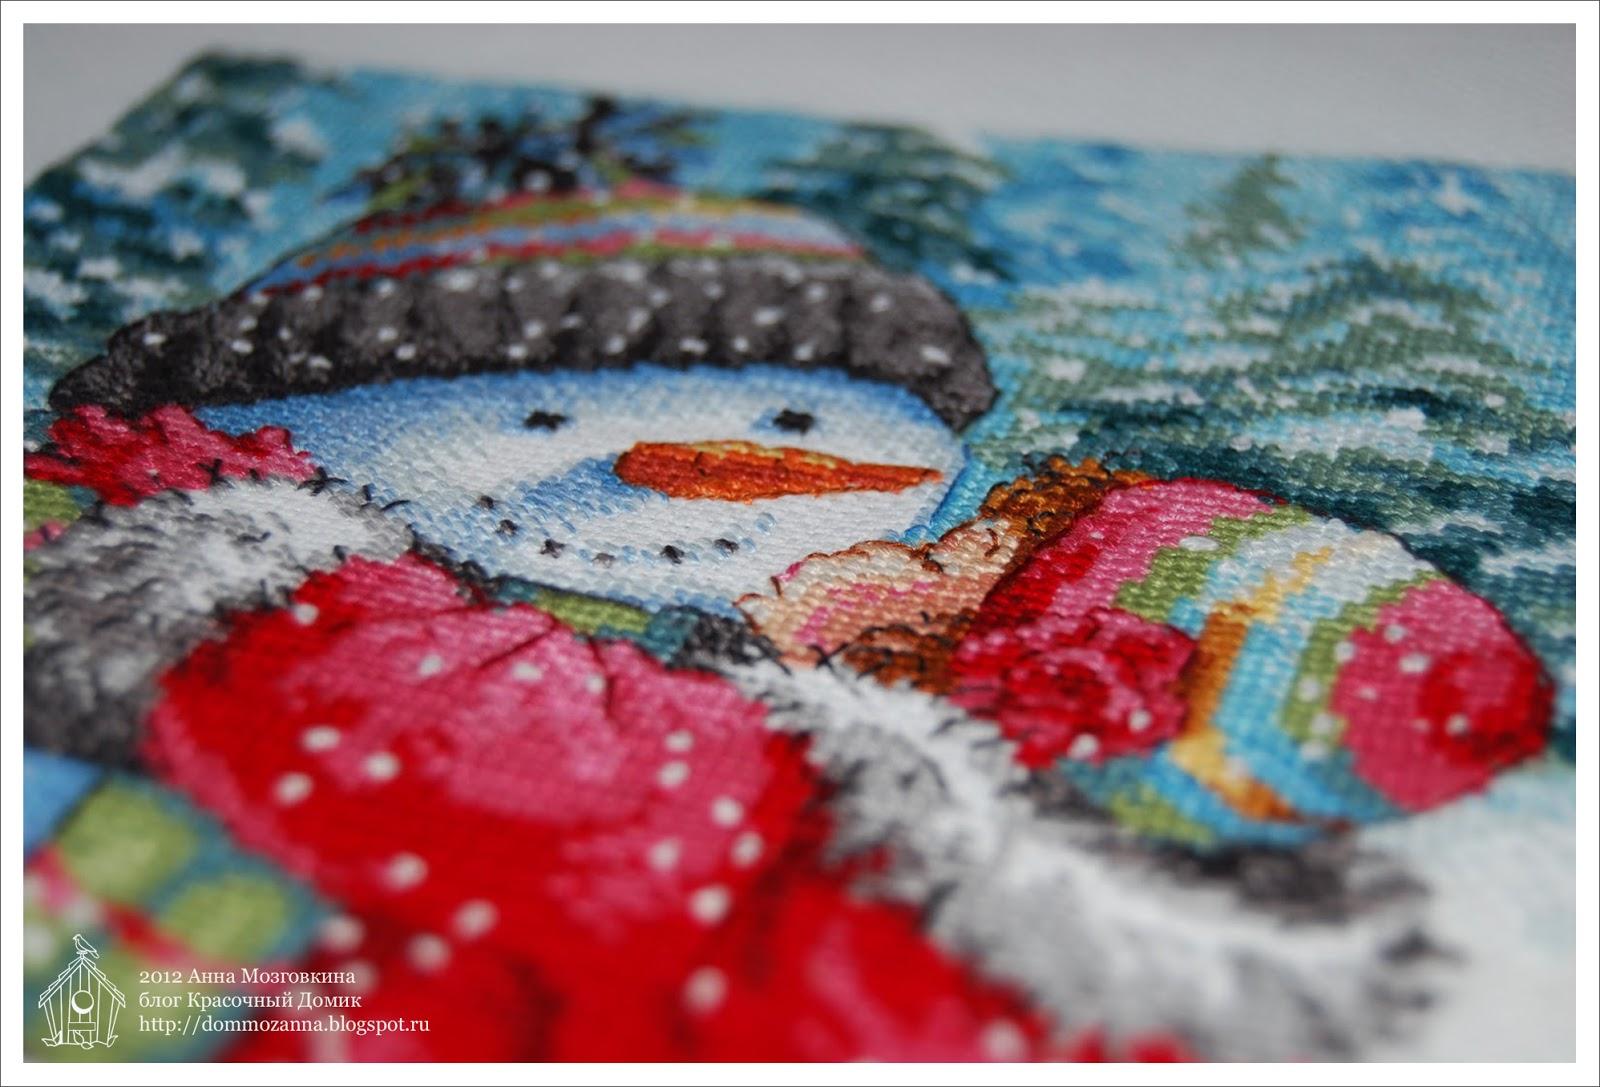 Kiss for Snowman